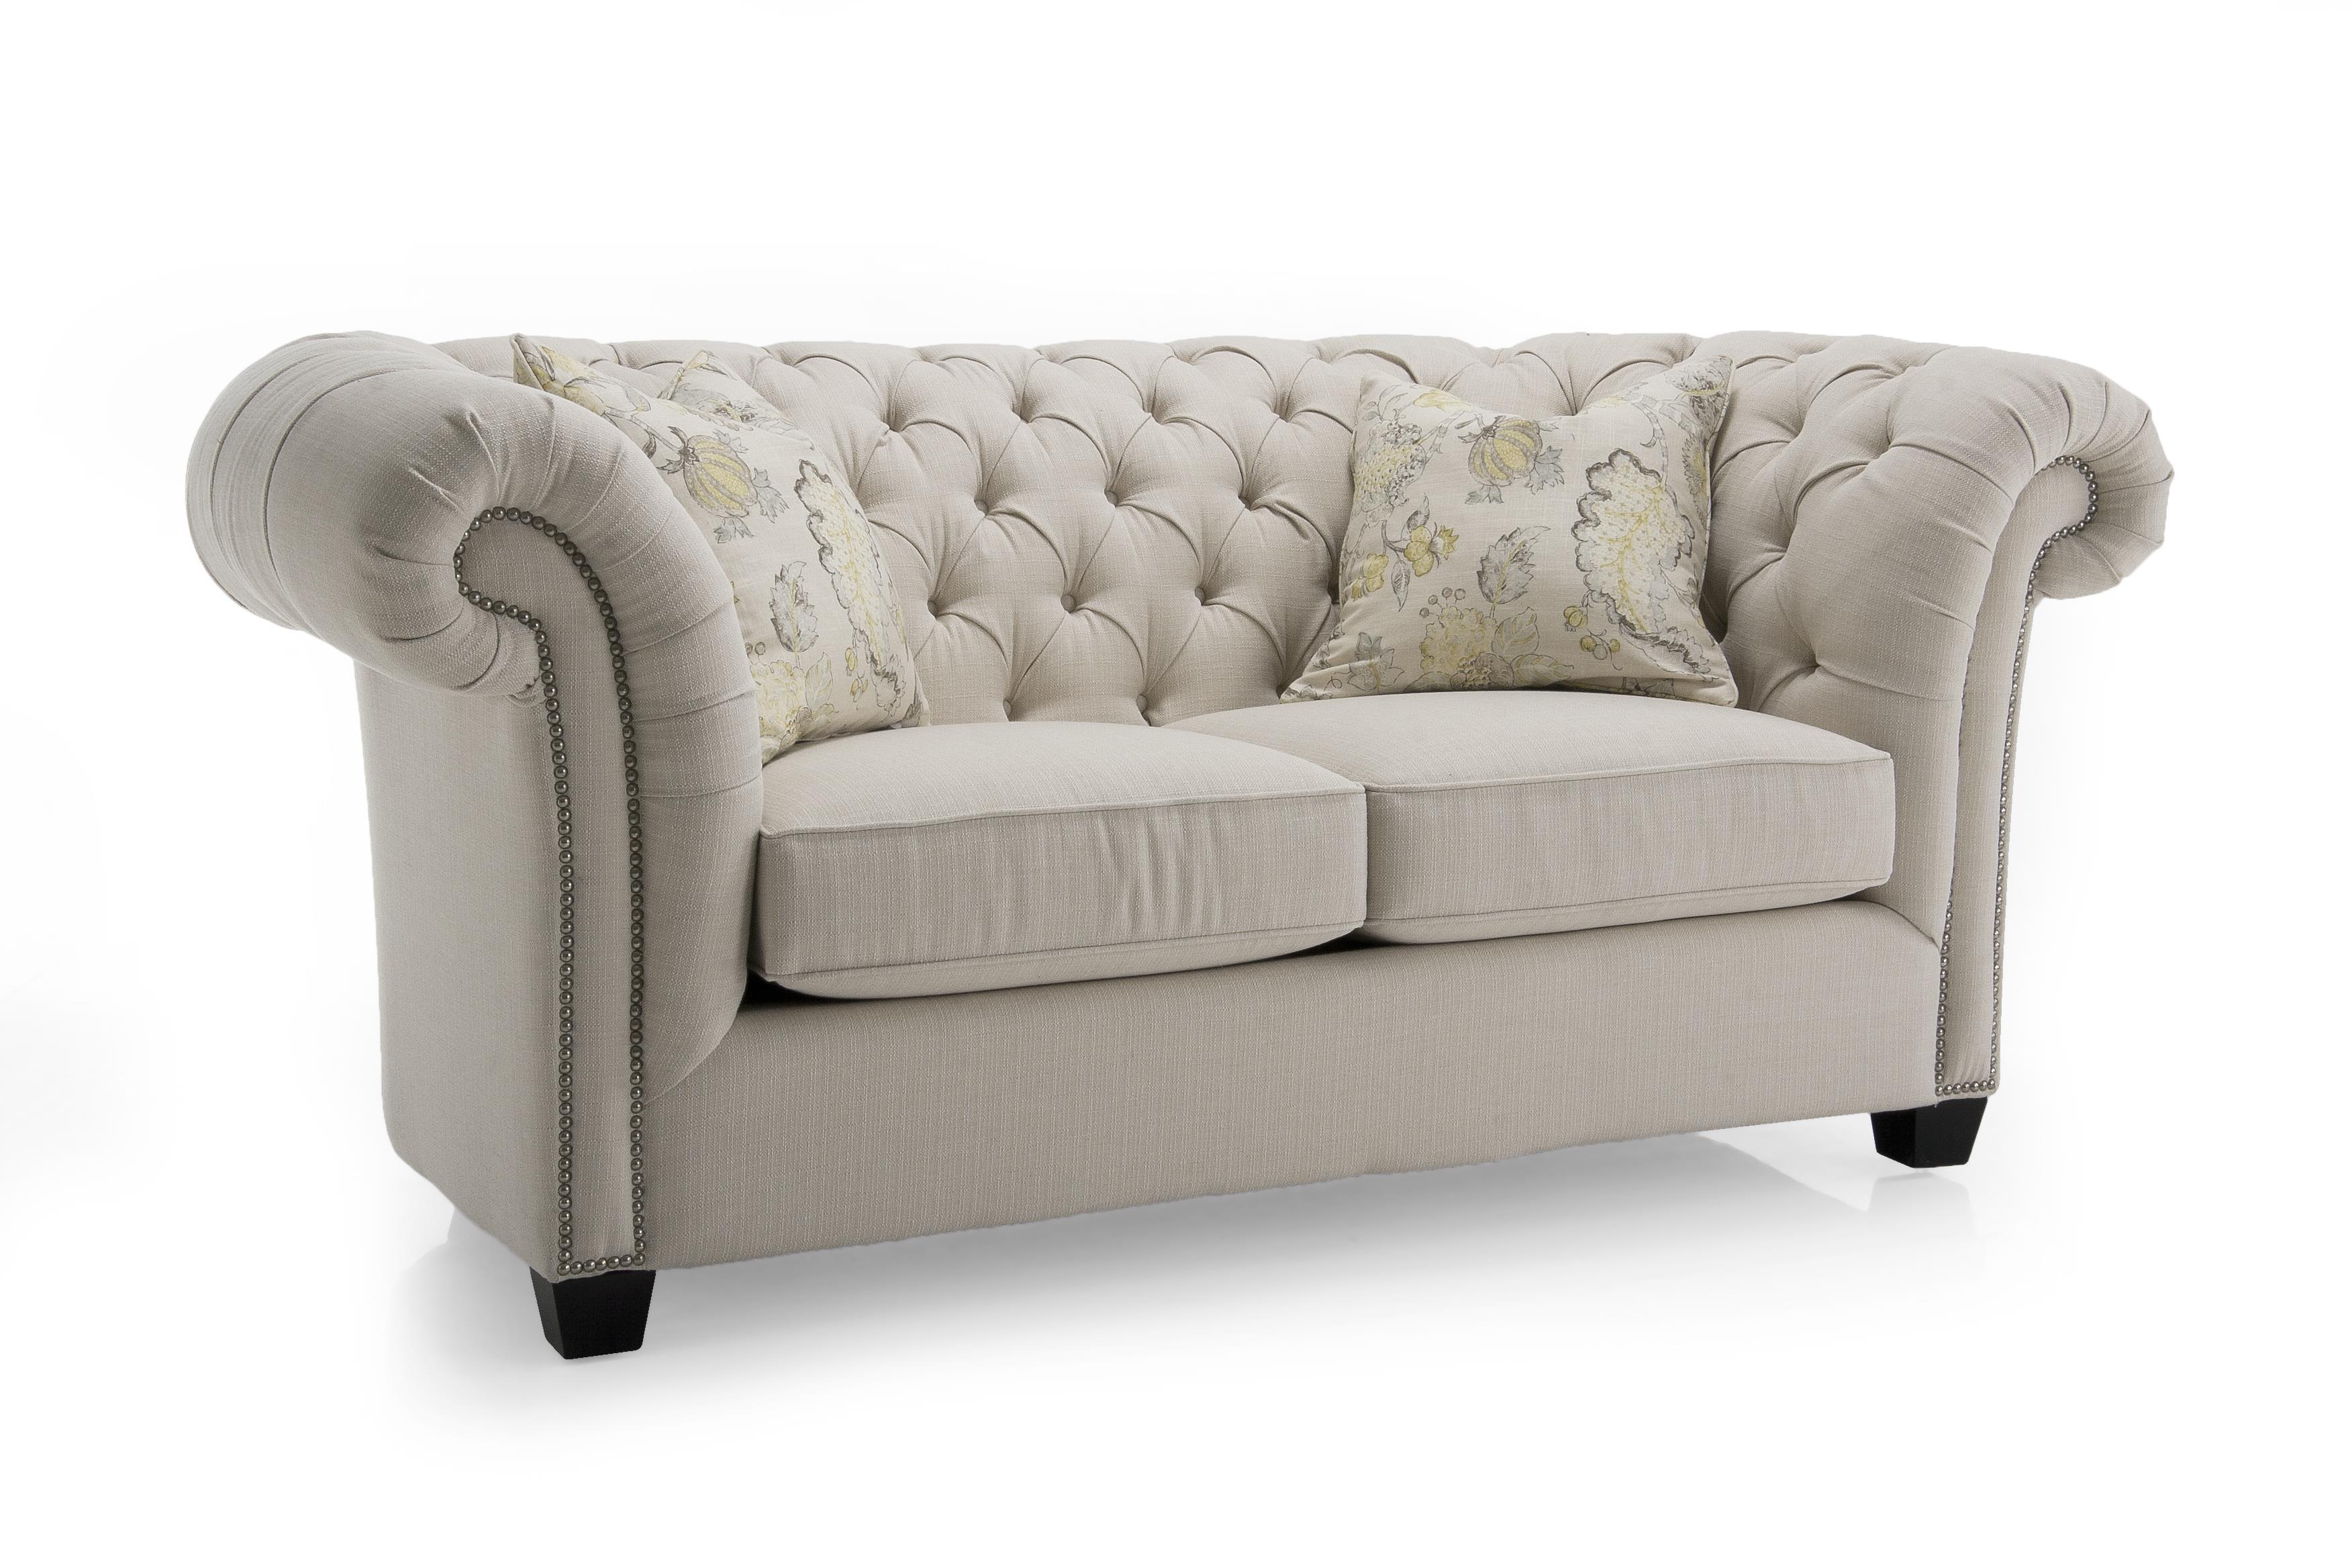 Decor-Rest Churchill Upholstered Loveseat - Item Number: 7000